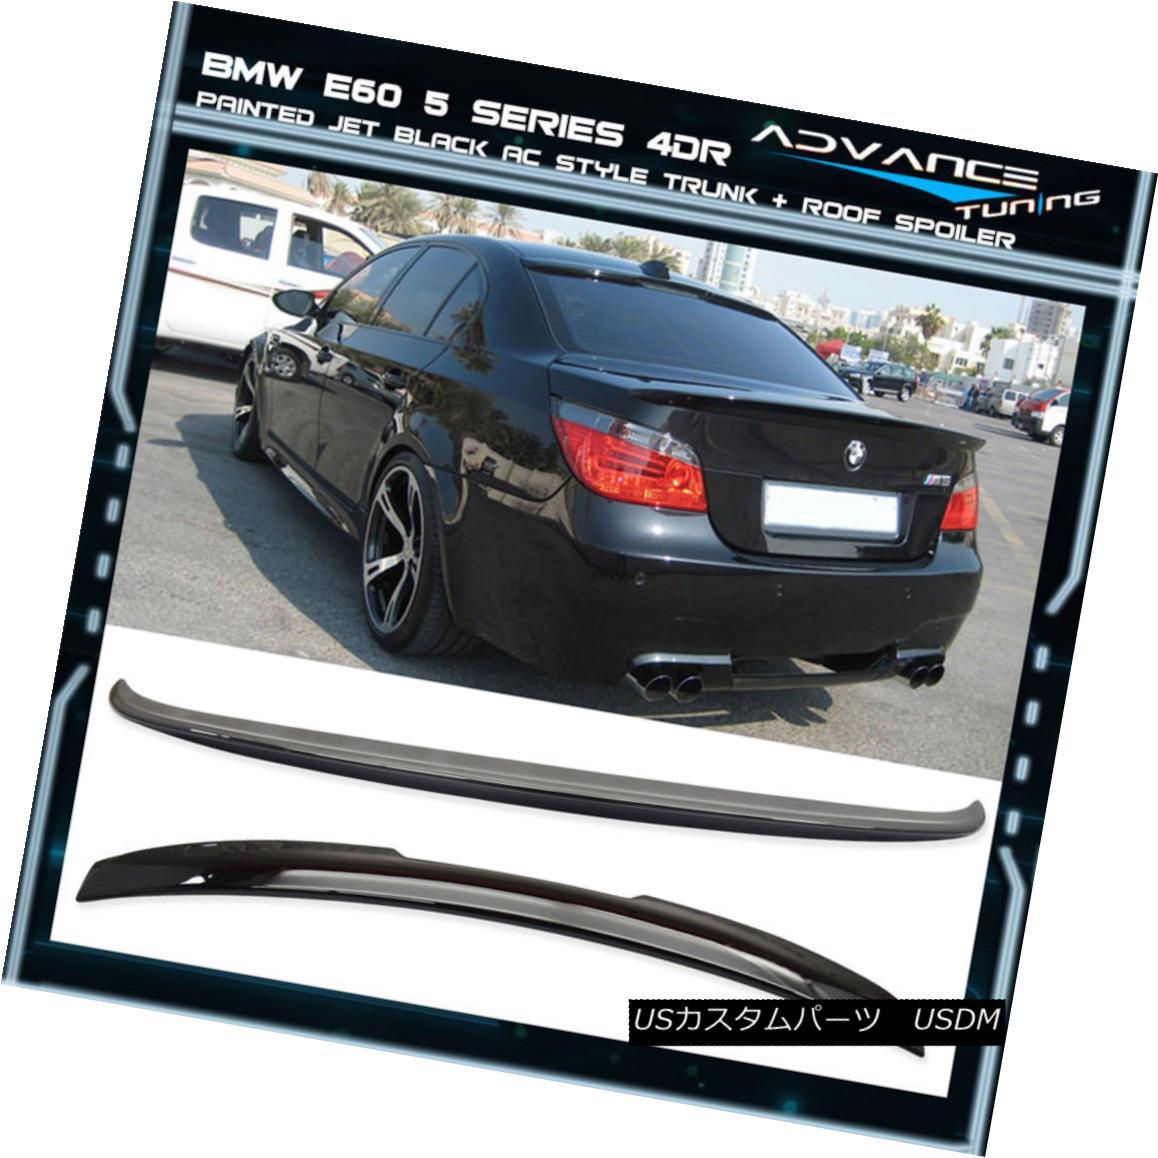 エアロパーツ 04-10 BMW 5 Series E60 AC Trunk + Roof Spoiler OEM Painted Color # 668 Jet Black 04-10 BMW 5シリーズE60 ACトランク+ルーフスポイラーOEM塗装カラー#668ジェットブラック